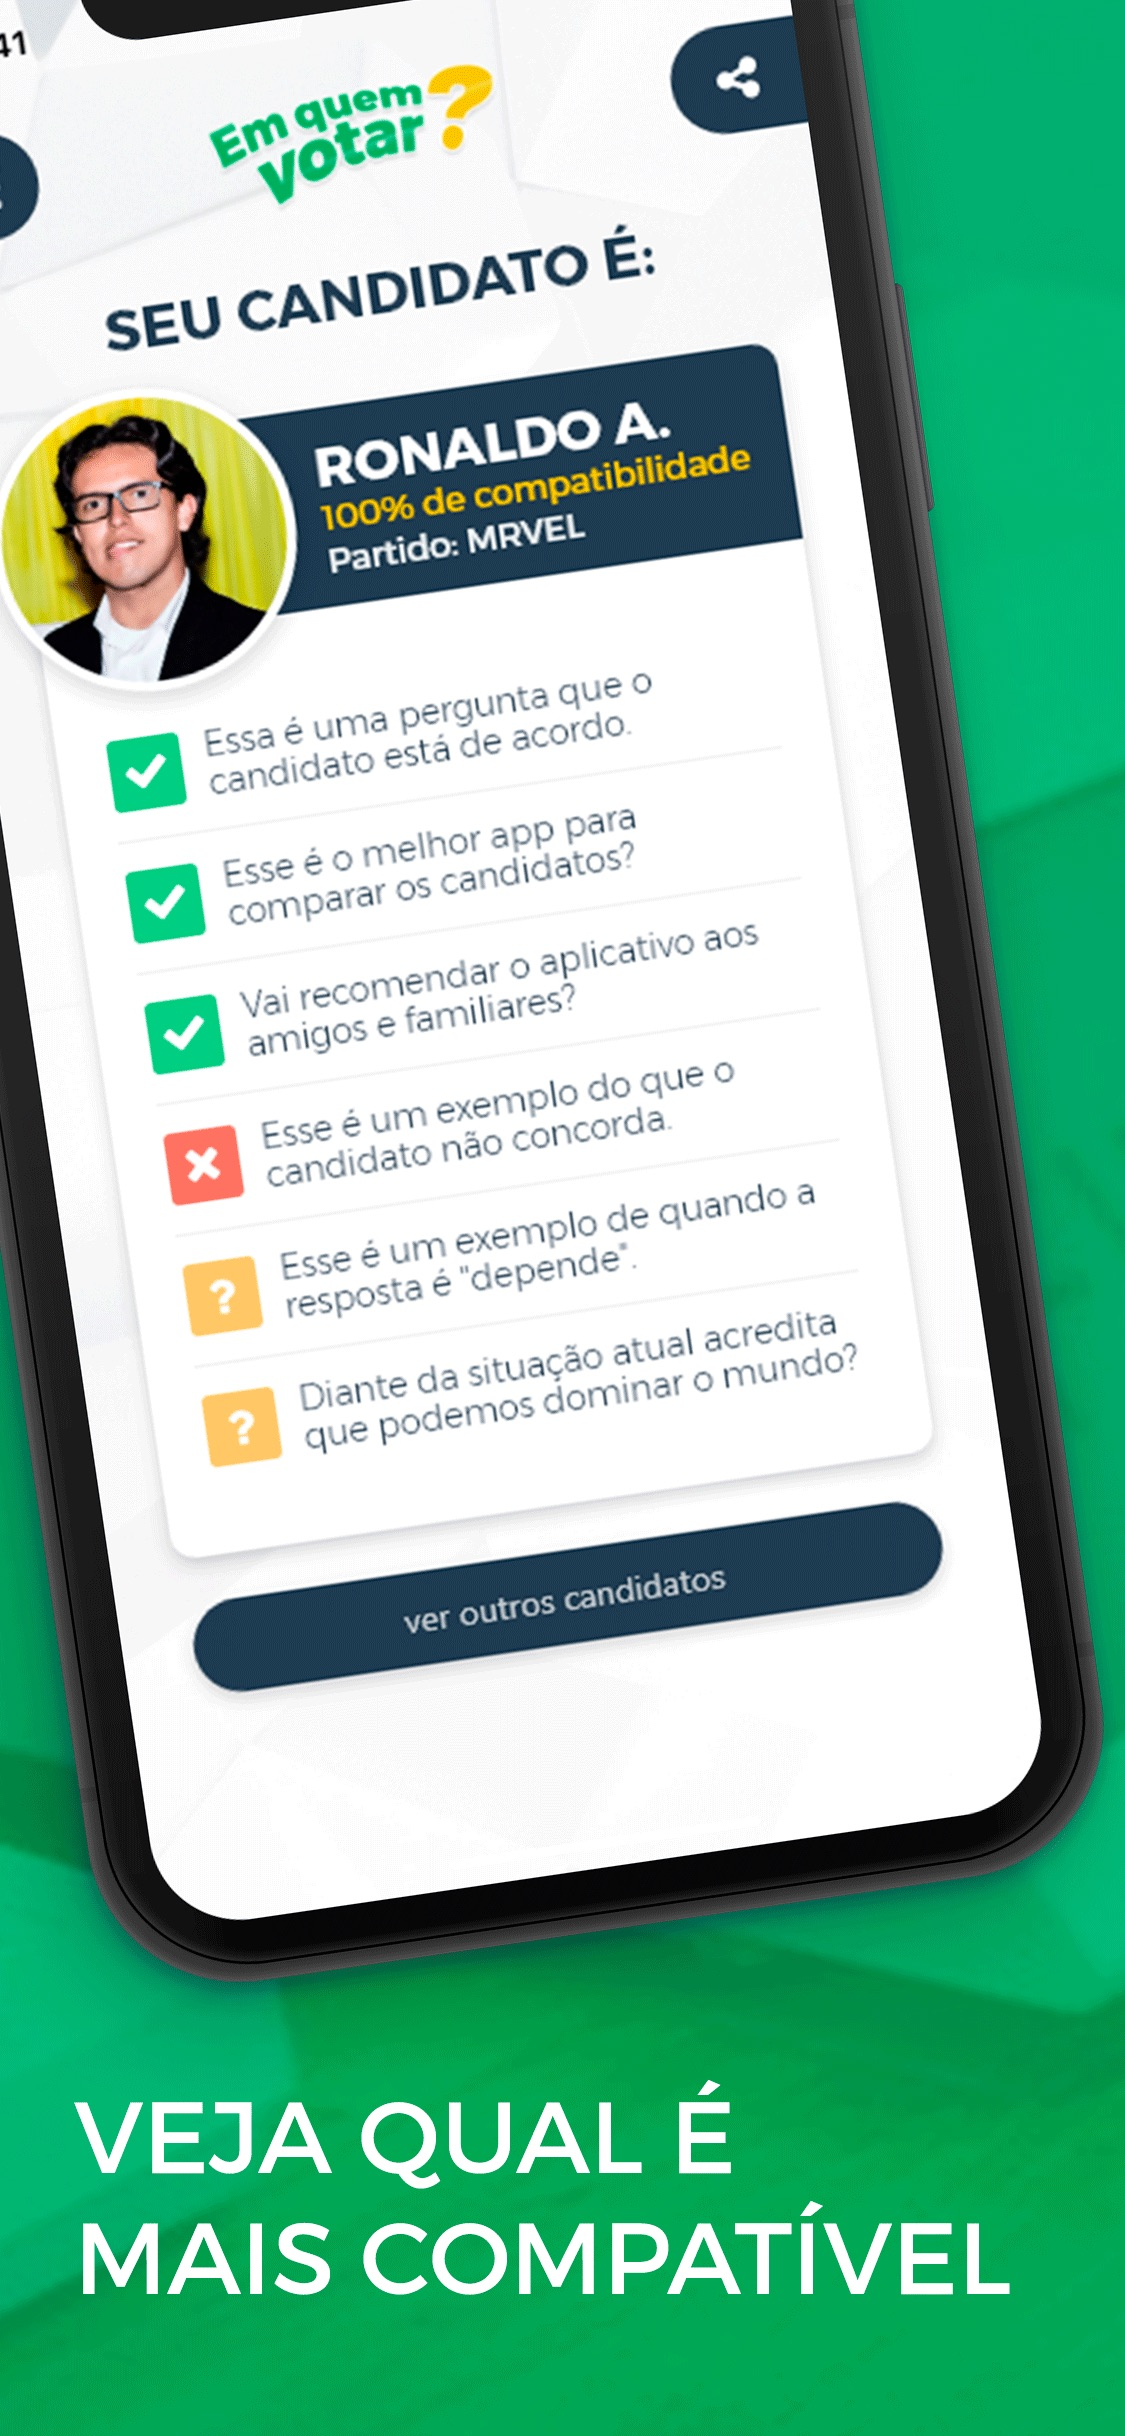 Screenshot do app Em quem votar?